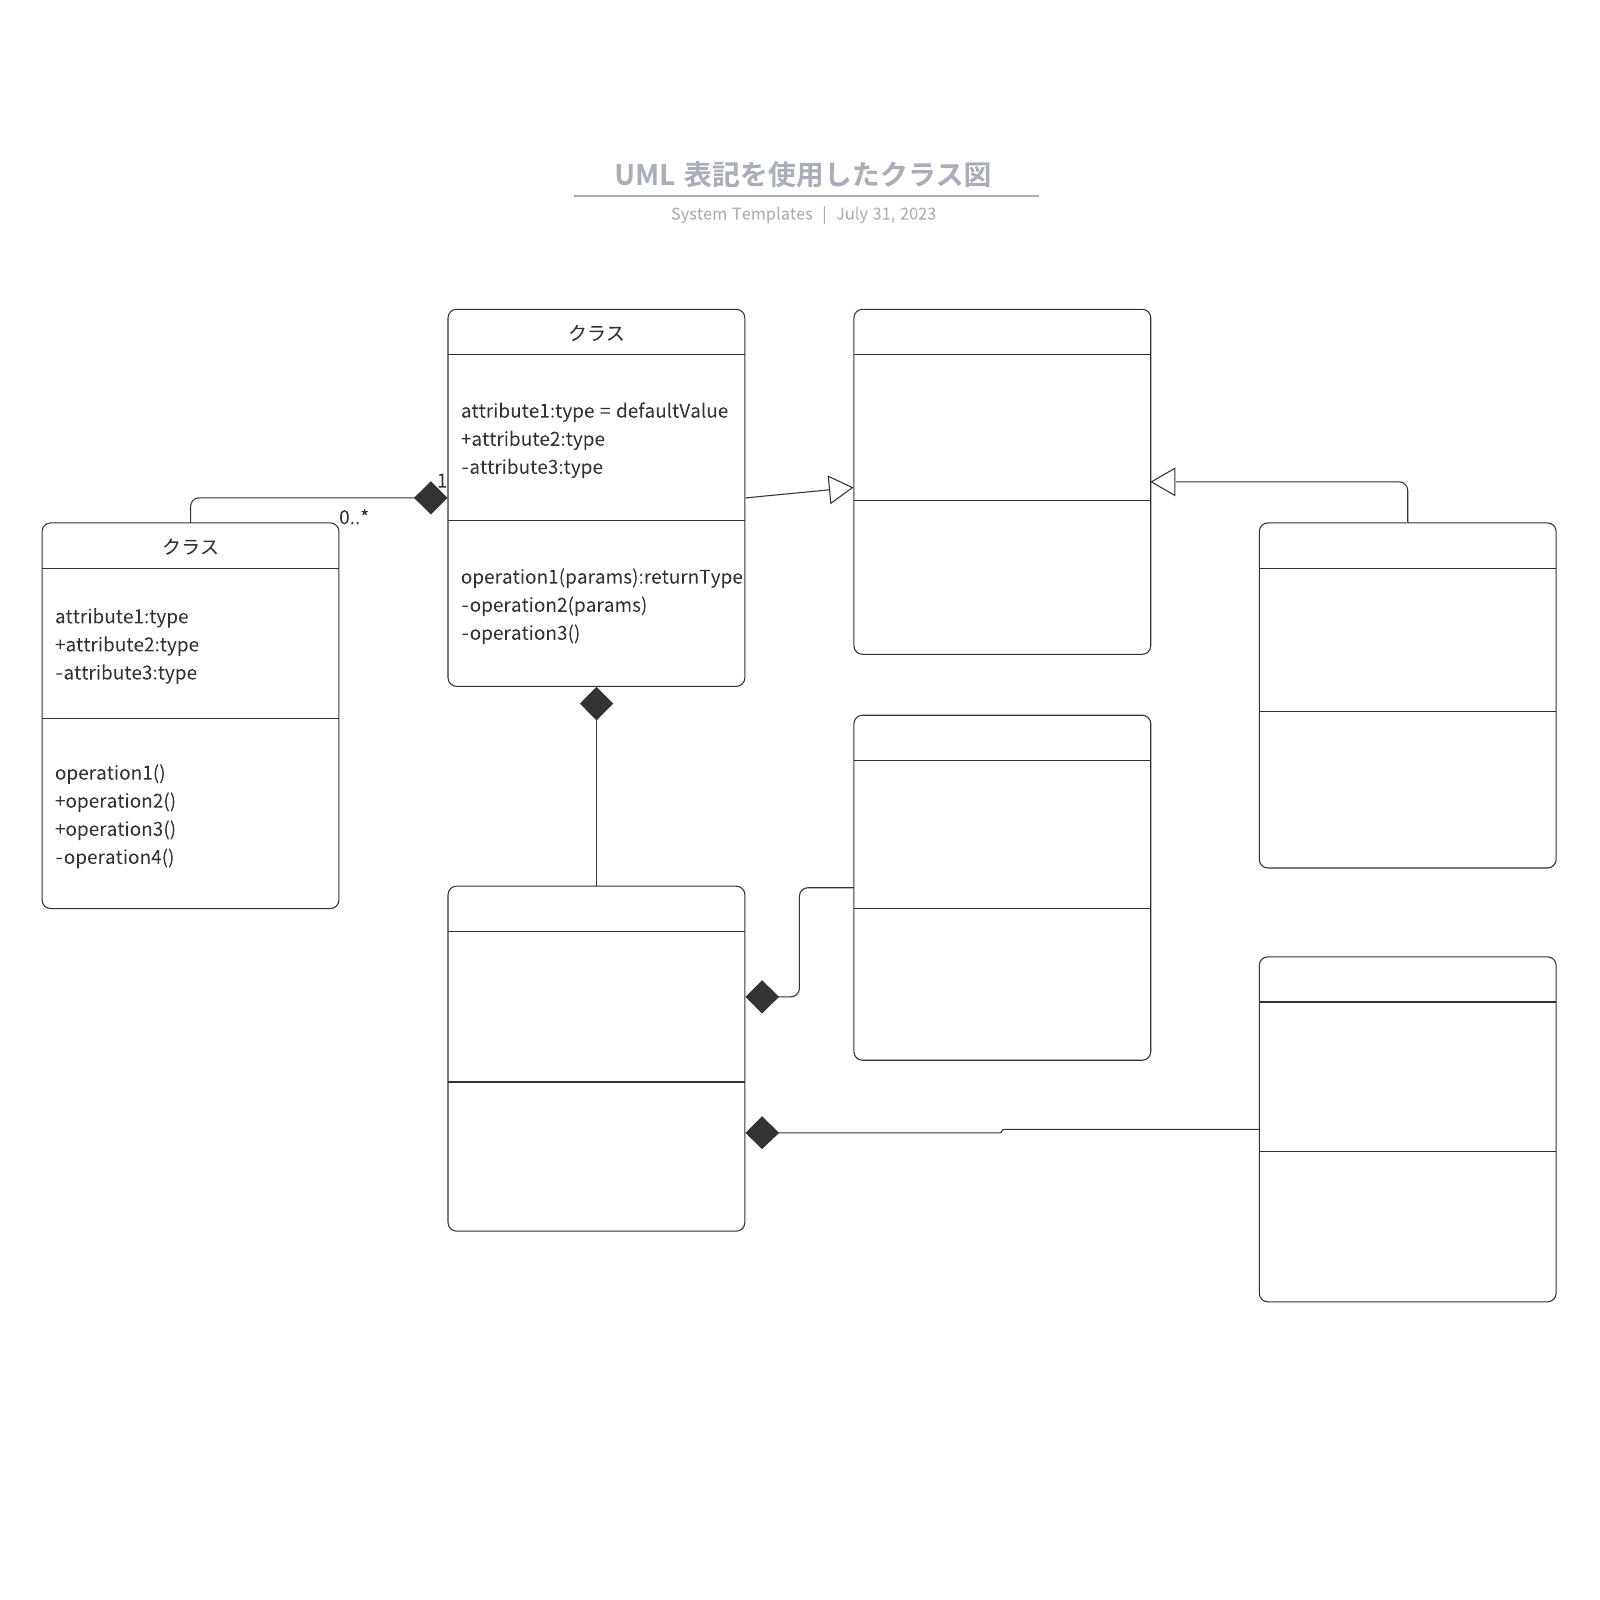 クラス図テンプレート